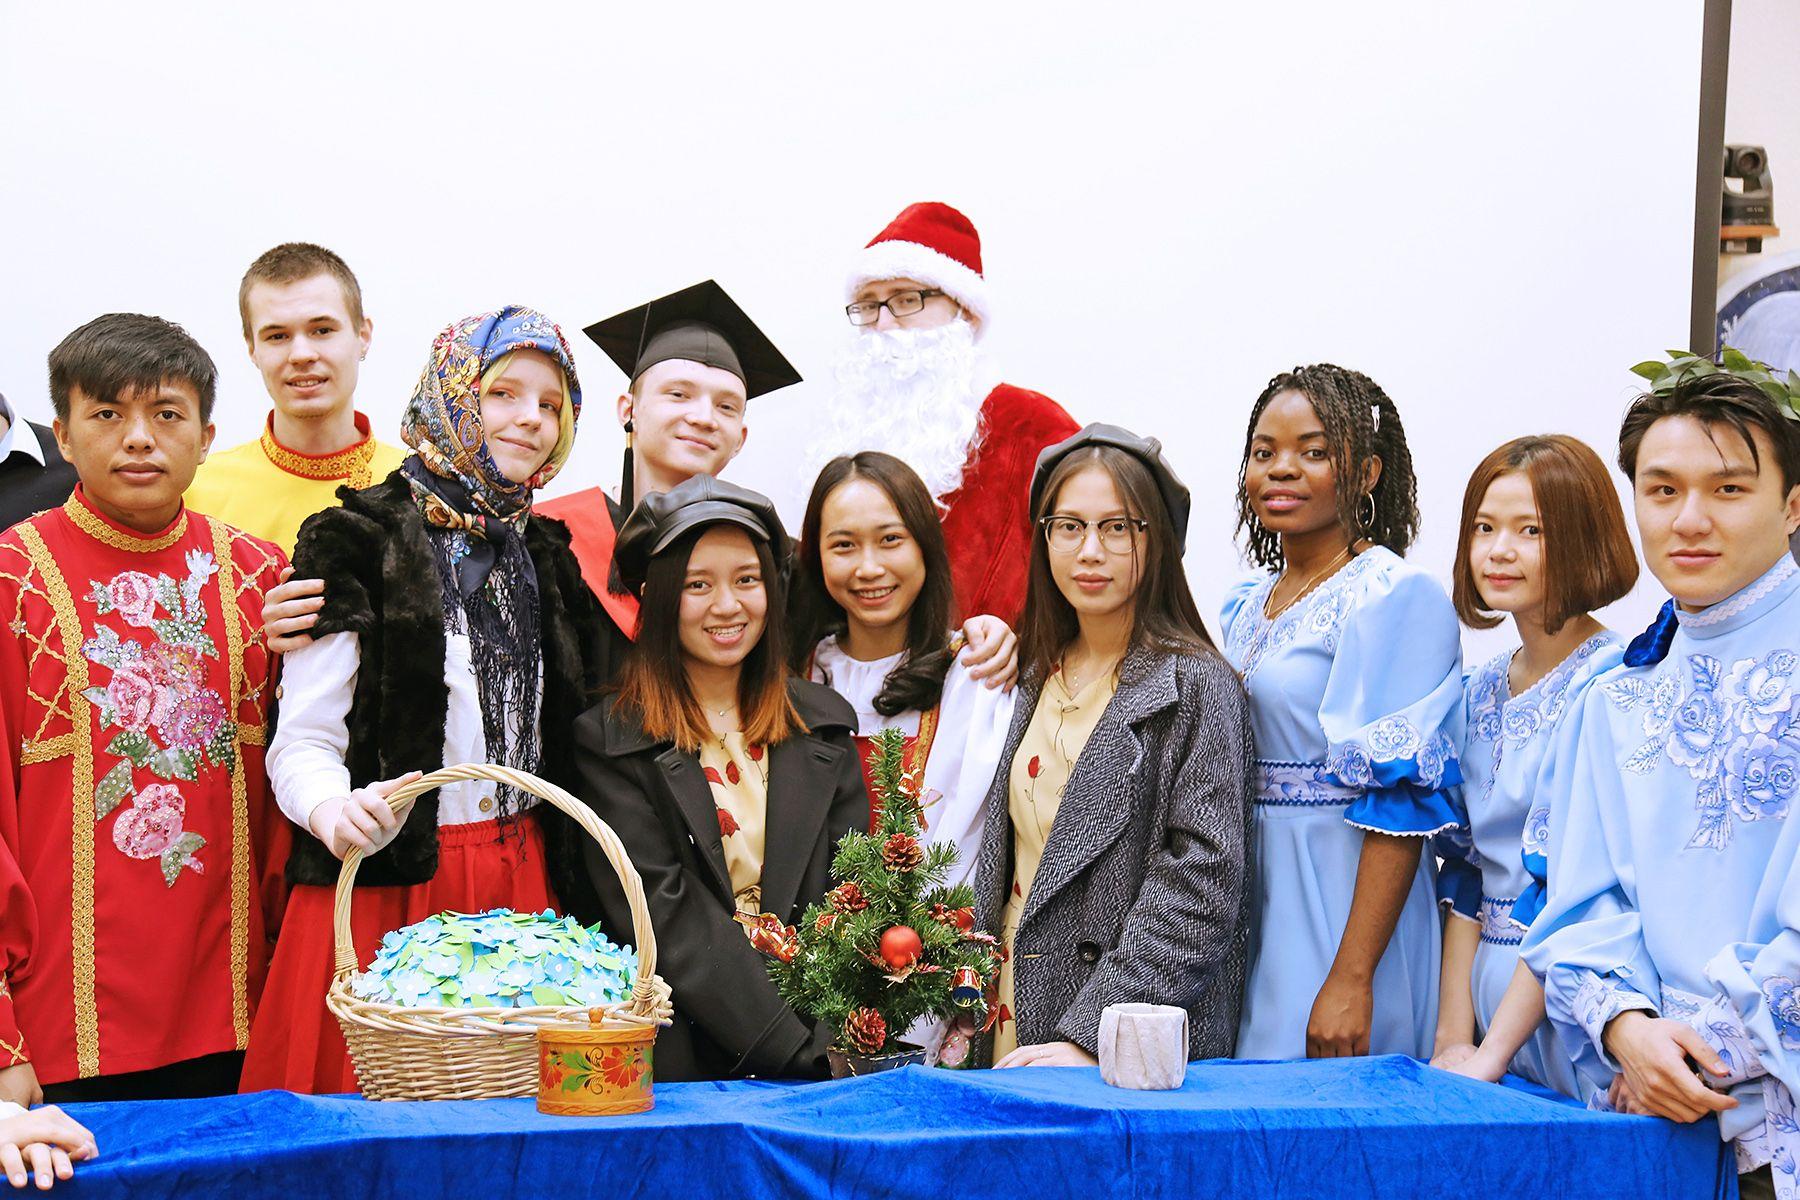 «12 месяцев»: студенты Института иностранных языков ВГУЭС поставили спектакль по мотивам новогодней сказки